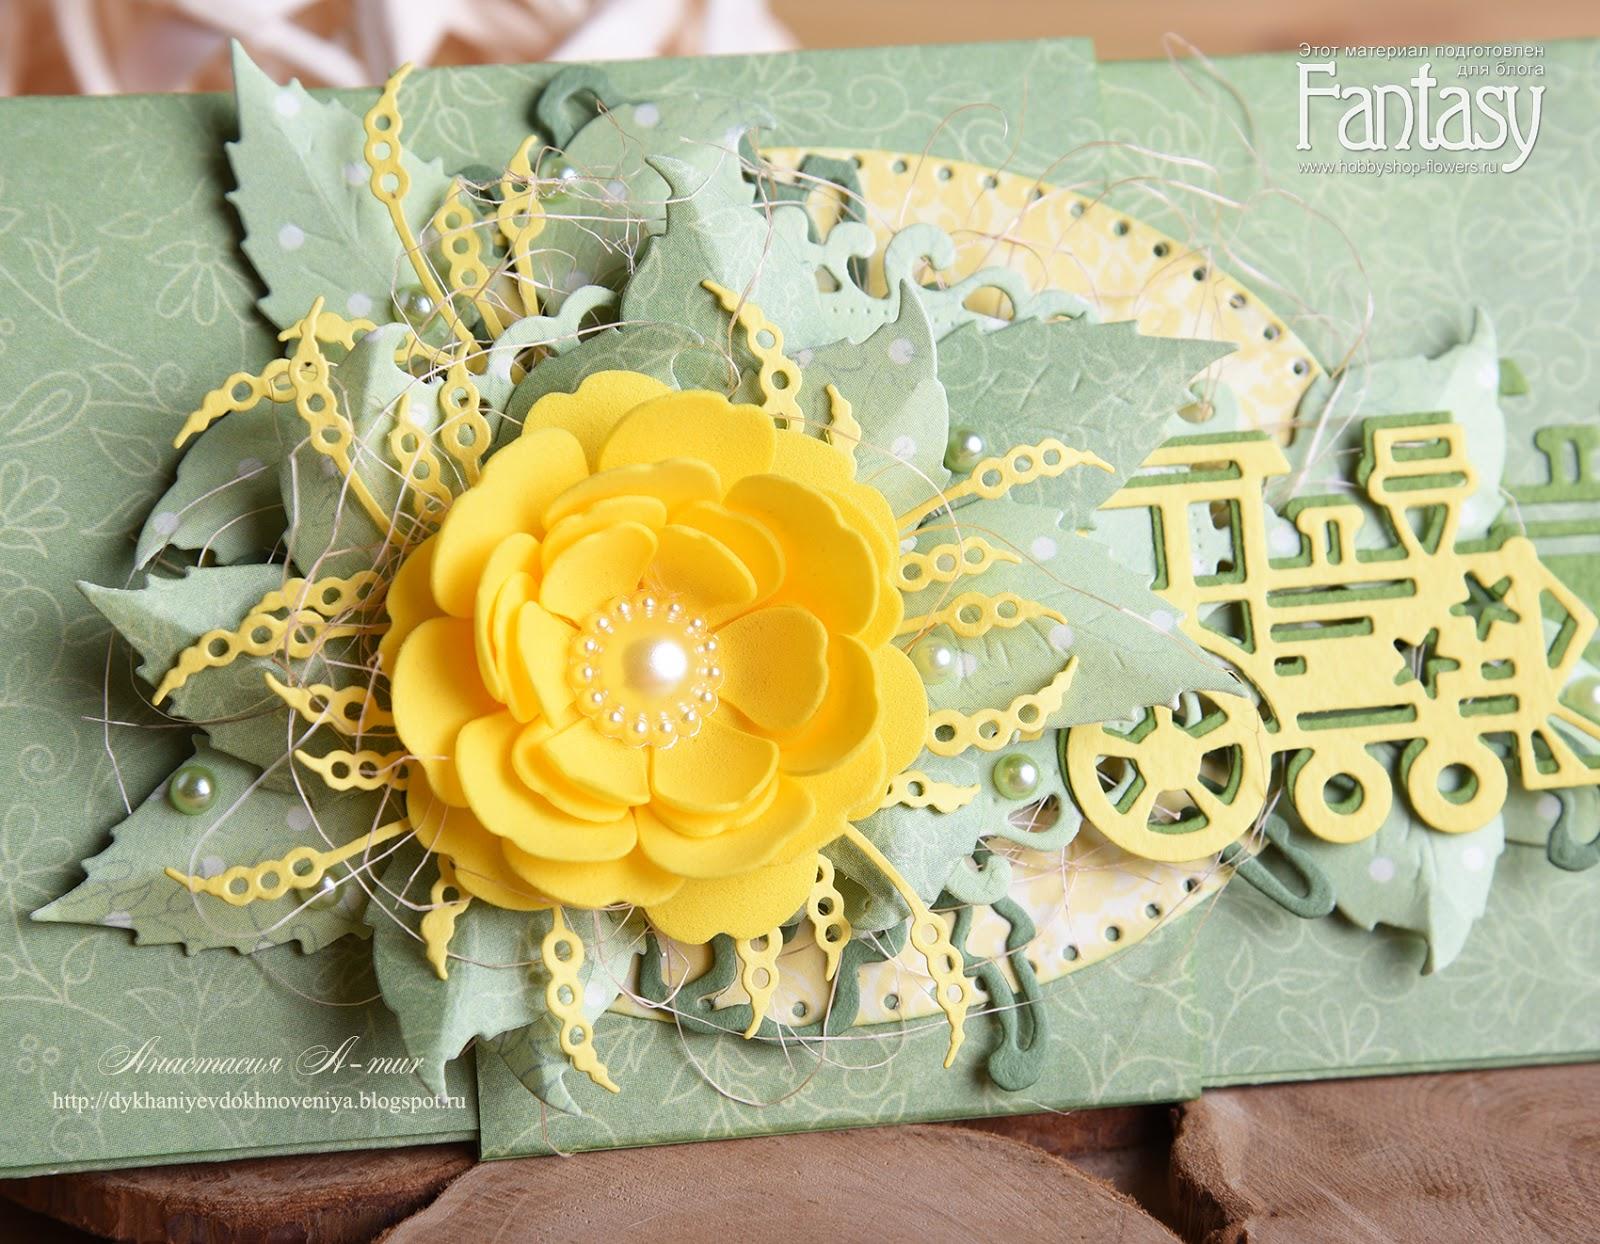 Отмены крепостного знак удачи фото на талисманы данной книге